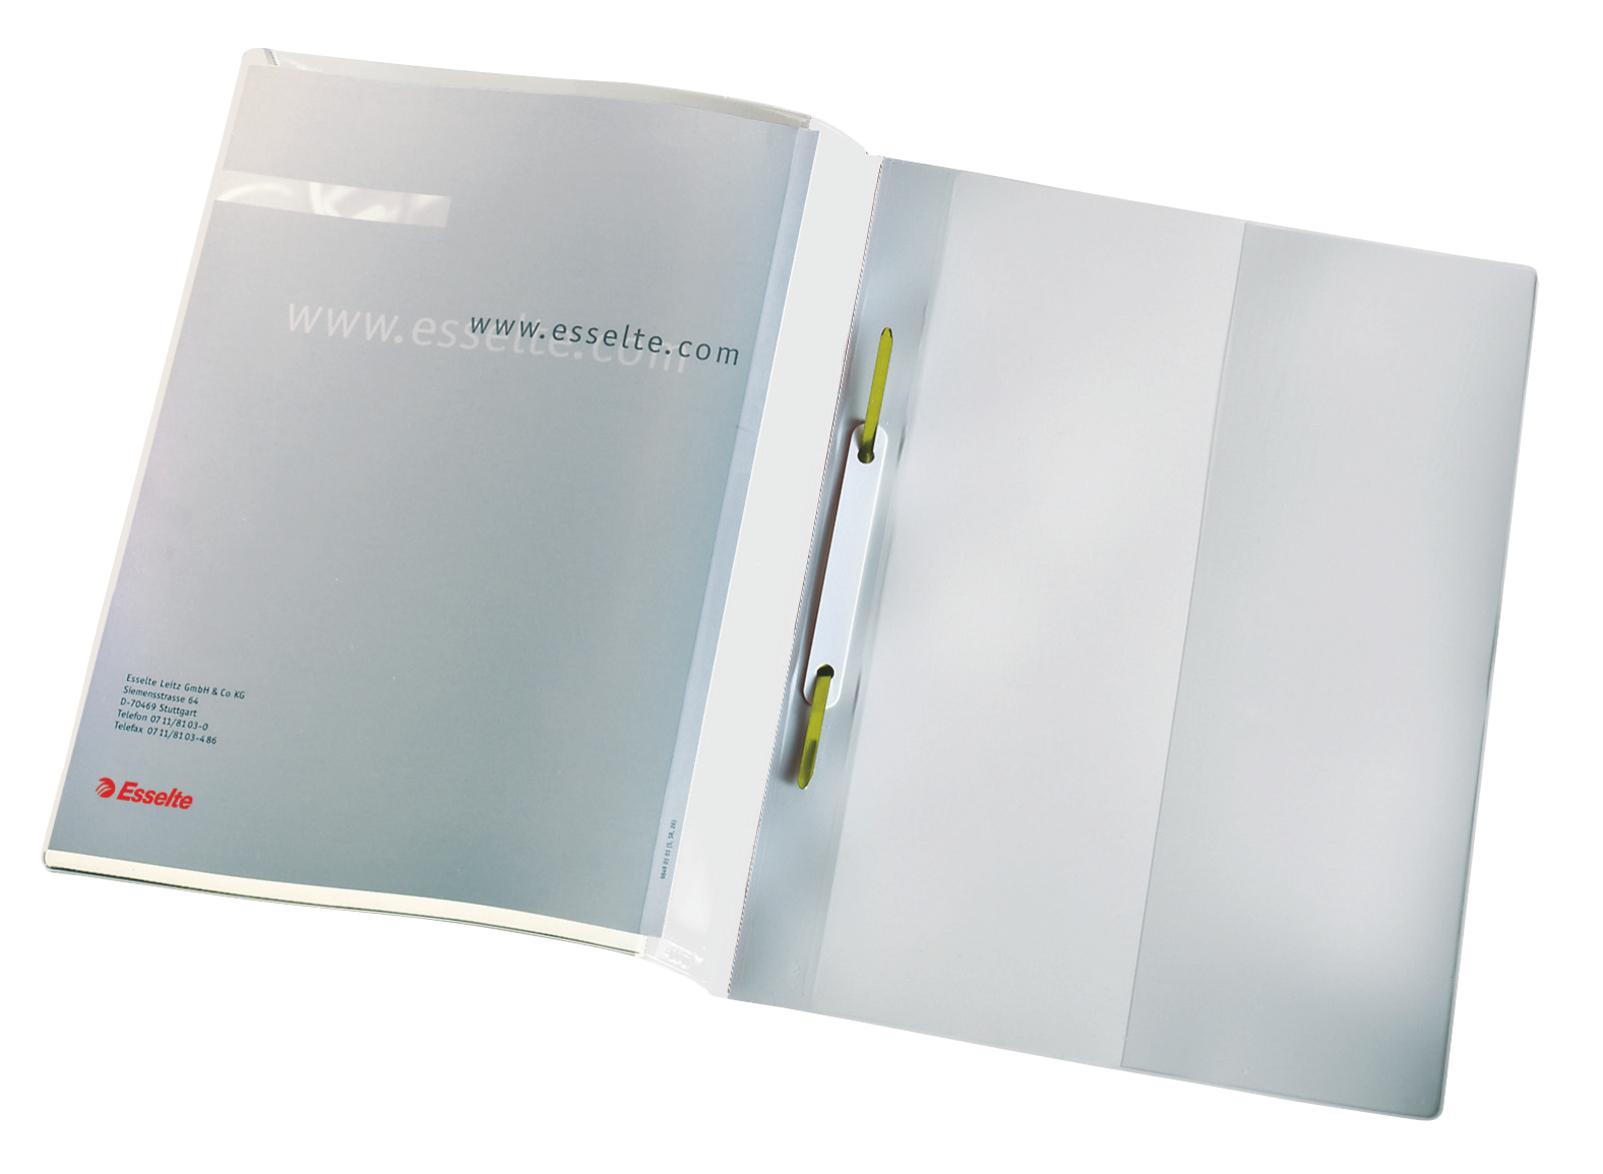 Esselte esitekansio, A4, 25 kpl, valkoinen – Pikanitojakansiot – Mapit ja kansiot – Tarvike ja ...